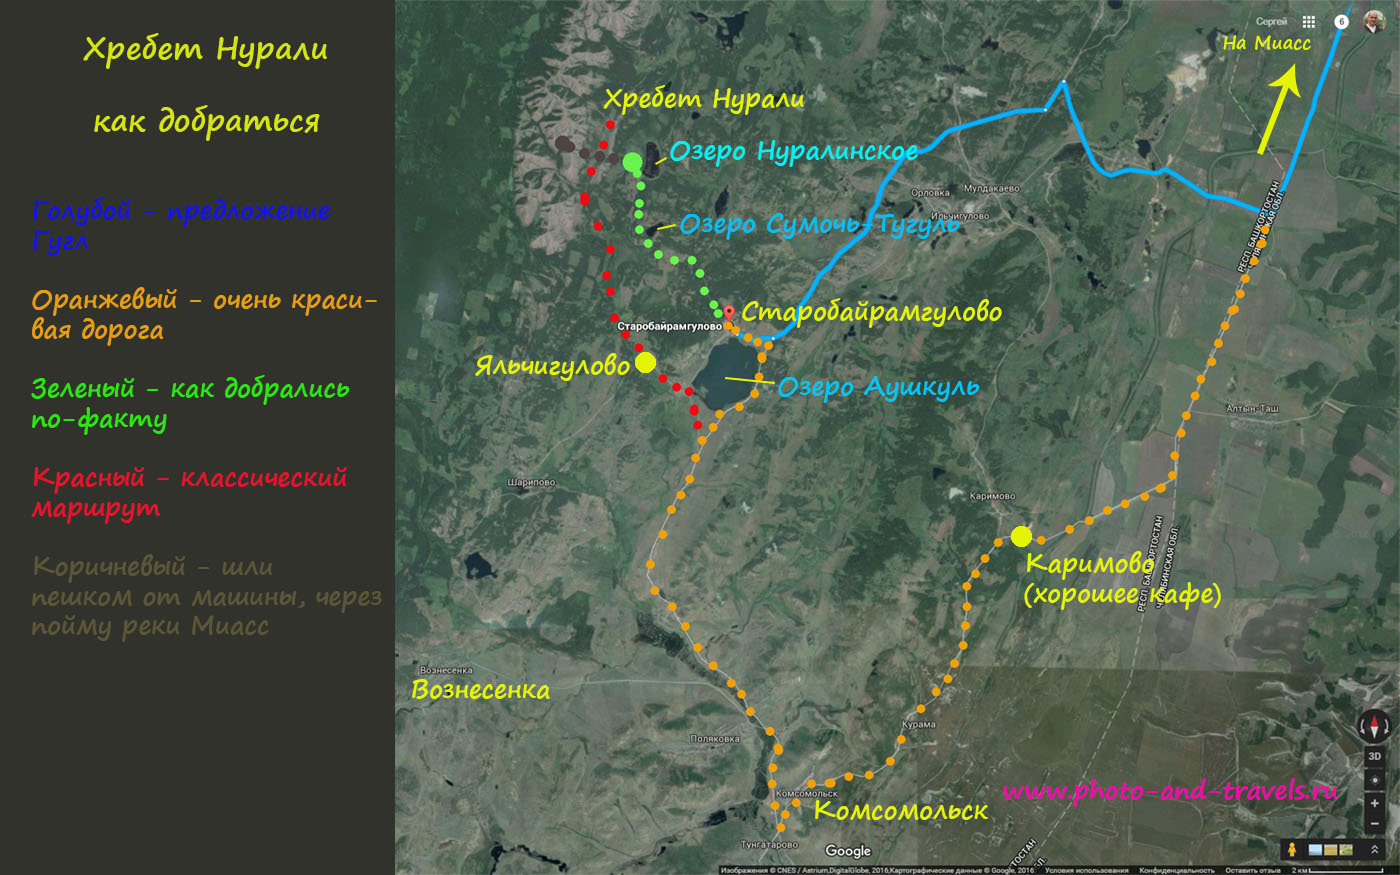 Рисунок 1. Карта со схемой, поясняющей как доехать на машине до Старобайрамгулово, озера Аушкуль, горы Ауштау и до хребта Нурали в Башкирии.